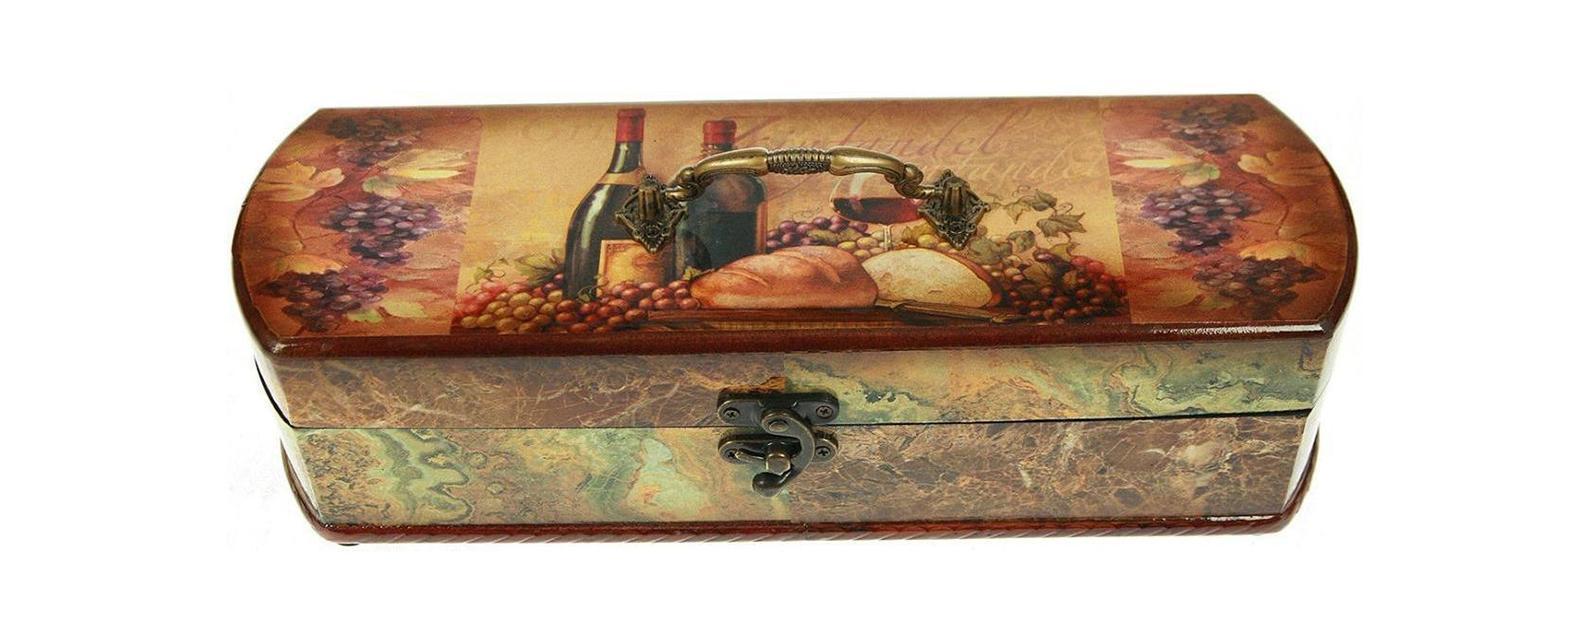 Шкатулка Сундучок под бутылку 36*12*10см 34763FS-91909Шкатулка Русские подарки Сундучок 34763 предназначена для хранения бутылок с вином. Она не оставит равнодушным ни одного любителя оригинальных вещей. Данная модель надежно закрывается на металлический замок. Сочетание оригинального дизайна и функциональности делает такую вещь практичным, стильным подарком и предметом гордости ее обладателя. Материал: MDF, бумага, эл. металла; цвет: бежевый